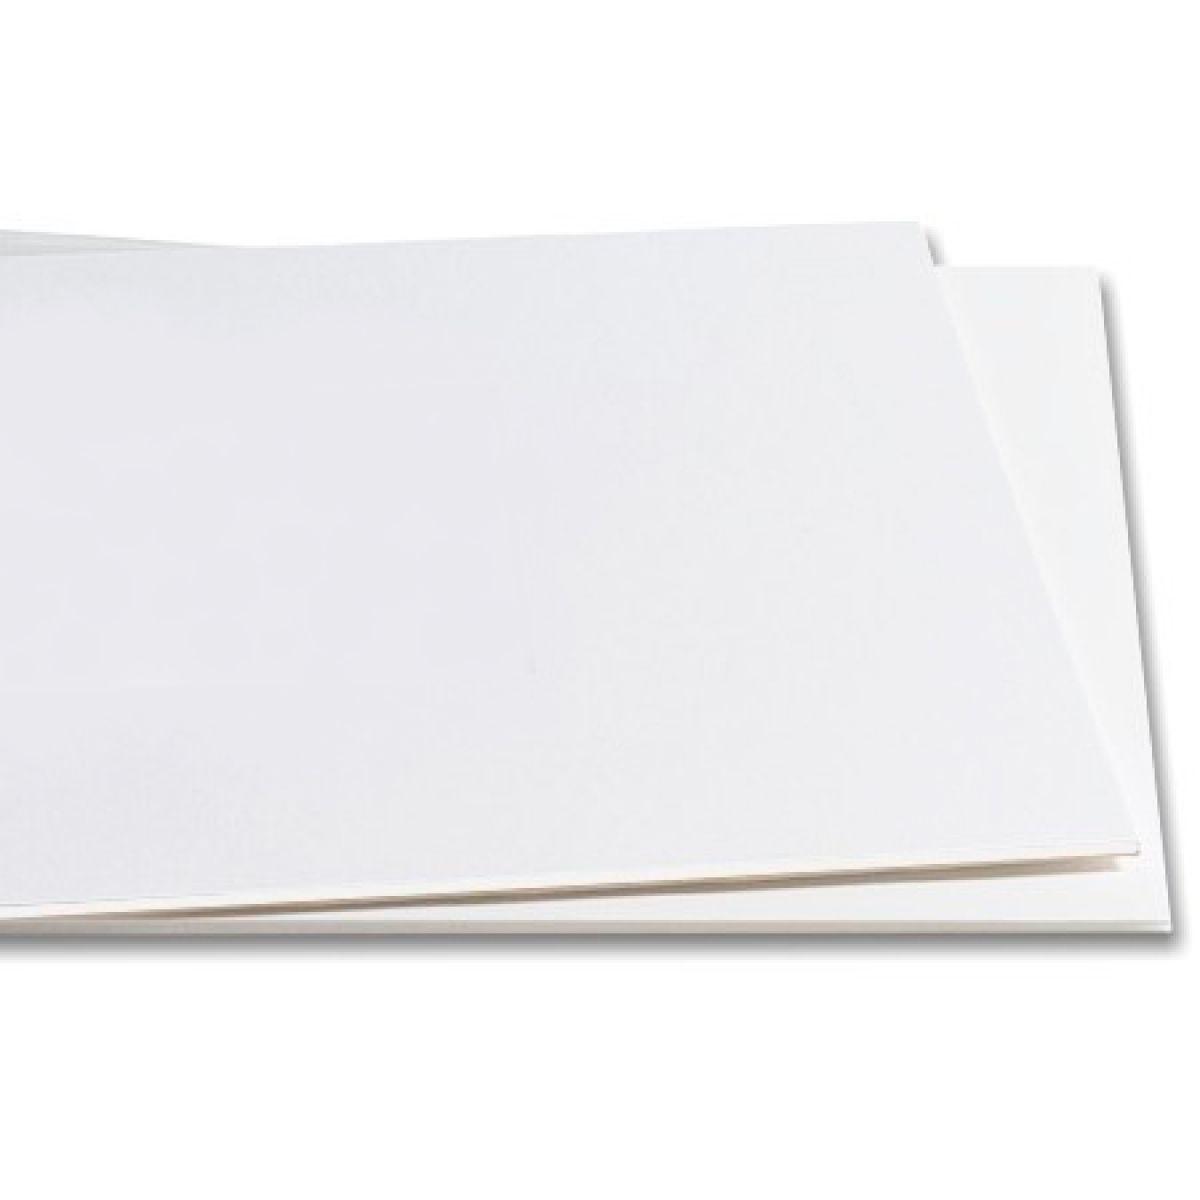 Papel Couche Brilho 250g A3 Embalagem Com 050 Folhas Phandora